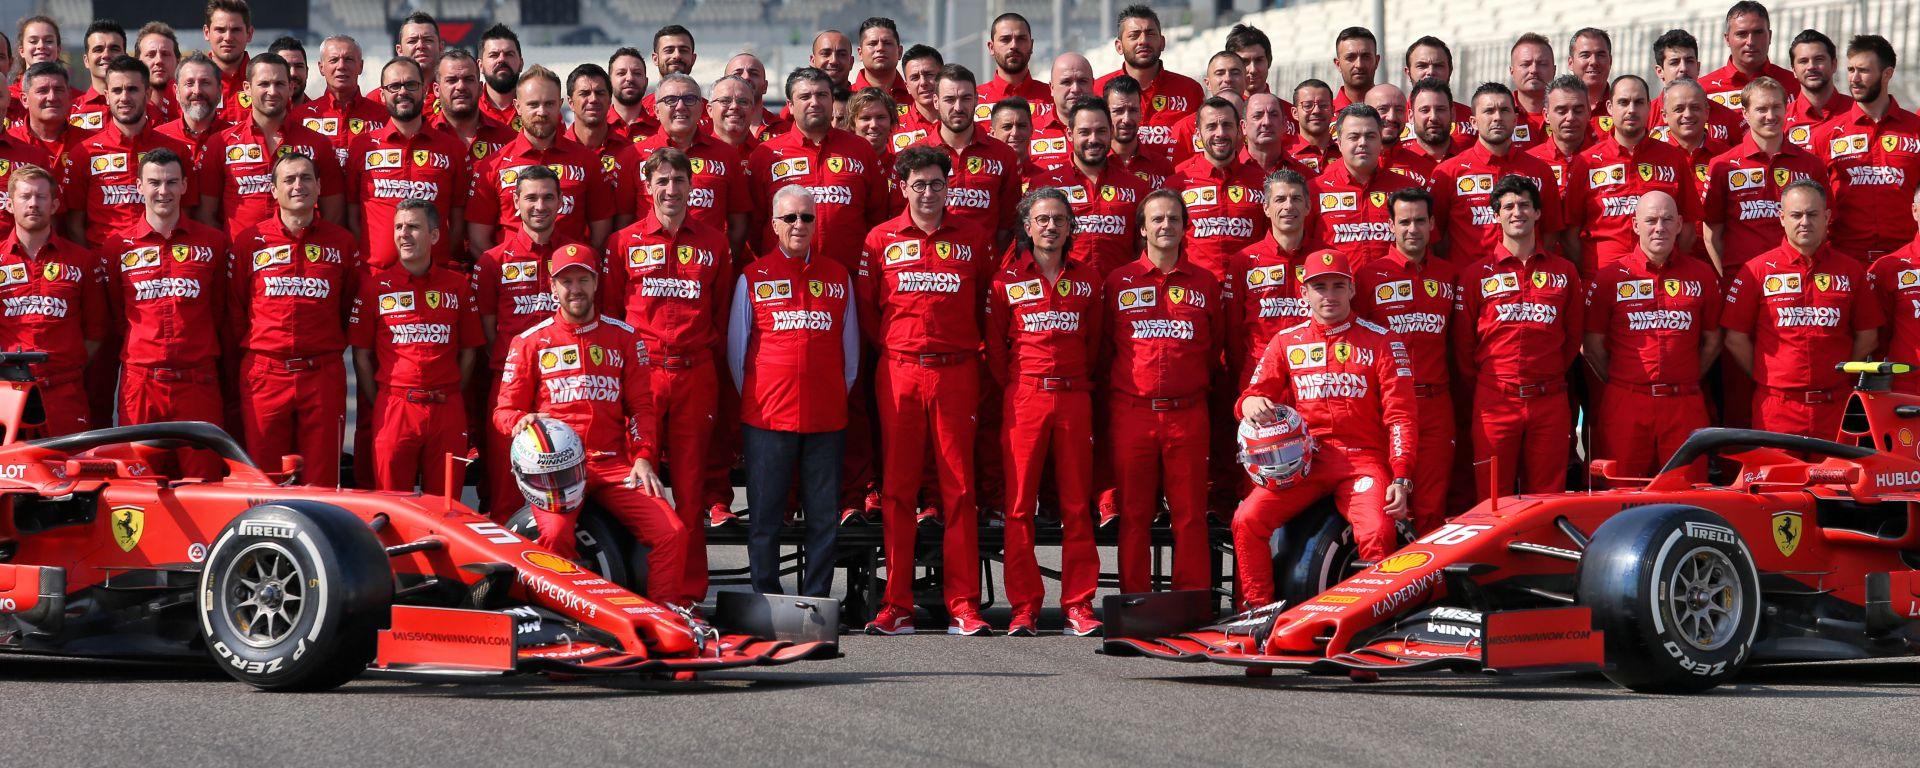 F1 GP Abu Dhabi 2019, Yas Marina: la foto di gruppo della Scuderia Ferrari a fine stagione